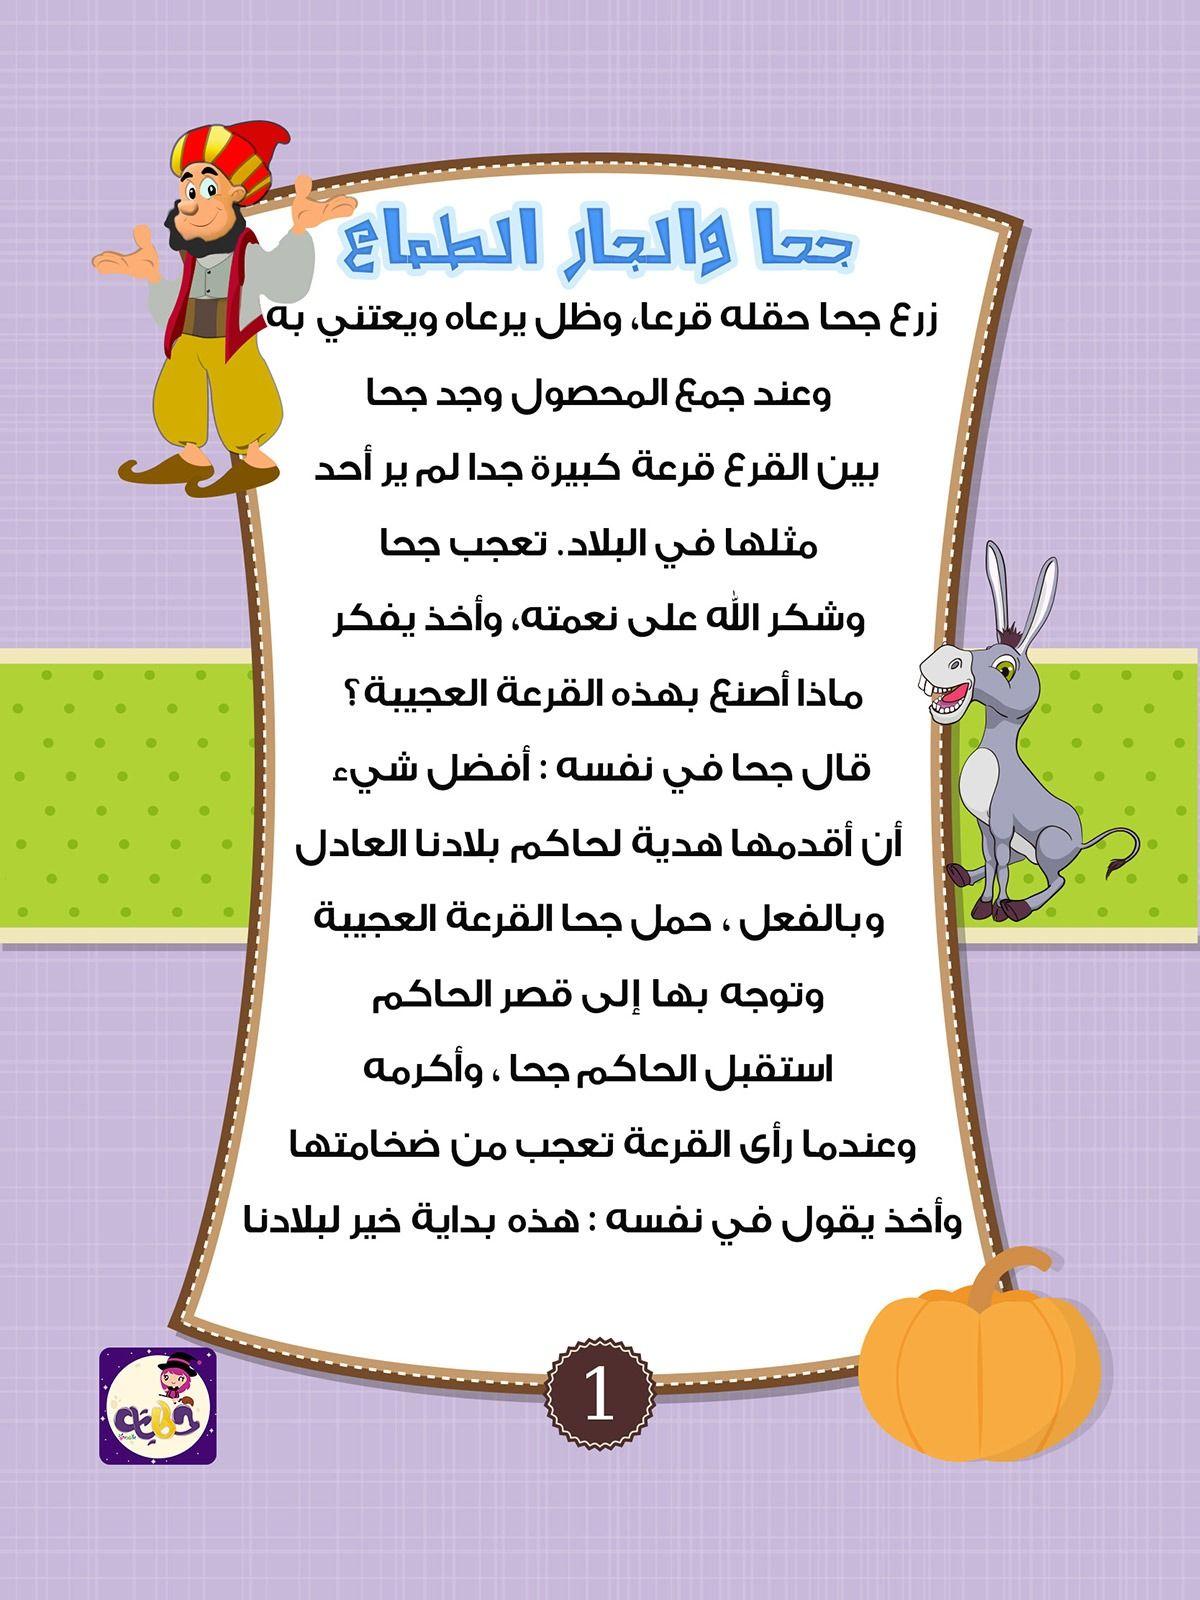 قصة جحا والجار الطماع بتطبيق قصص وحكايات بالعربي من نوادر جحا للاطفال Free Preschool Worksheets Free Preschool Preschool Worksheets